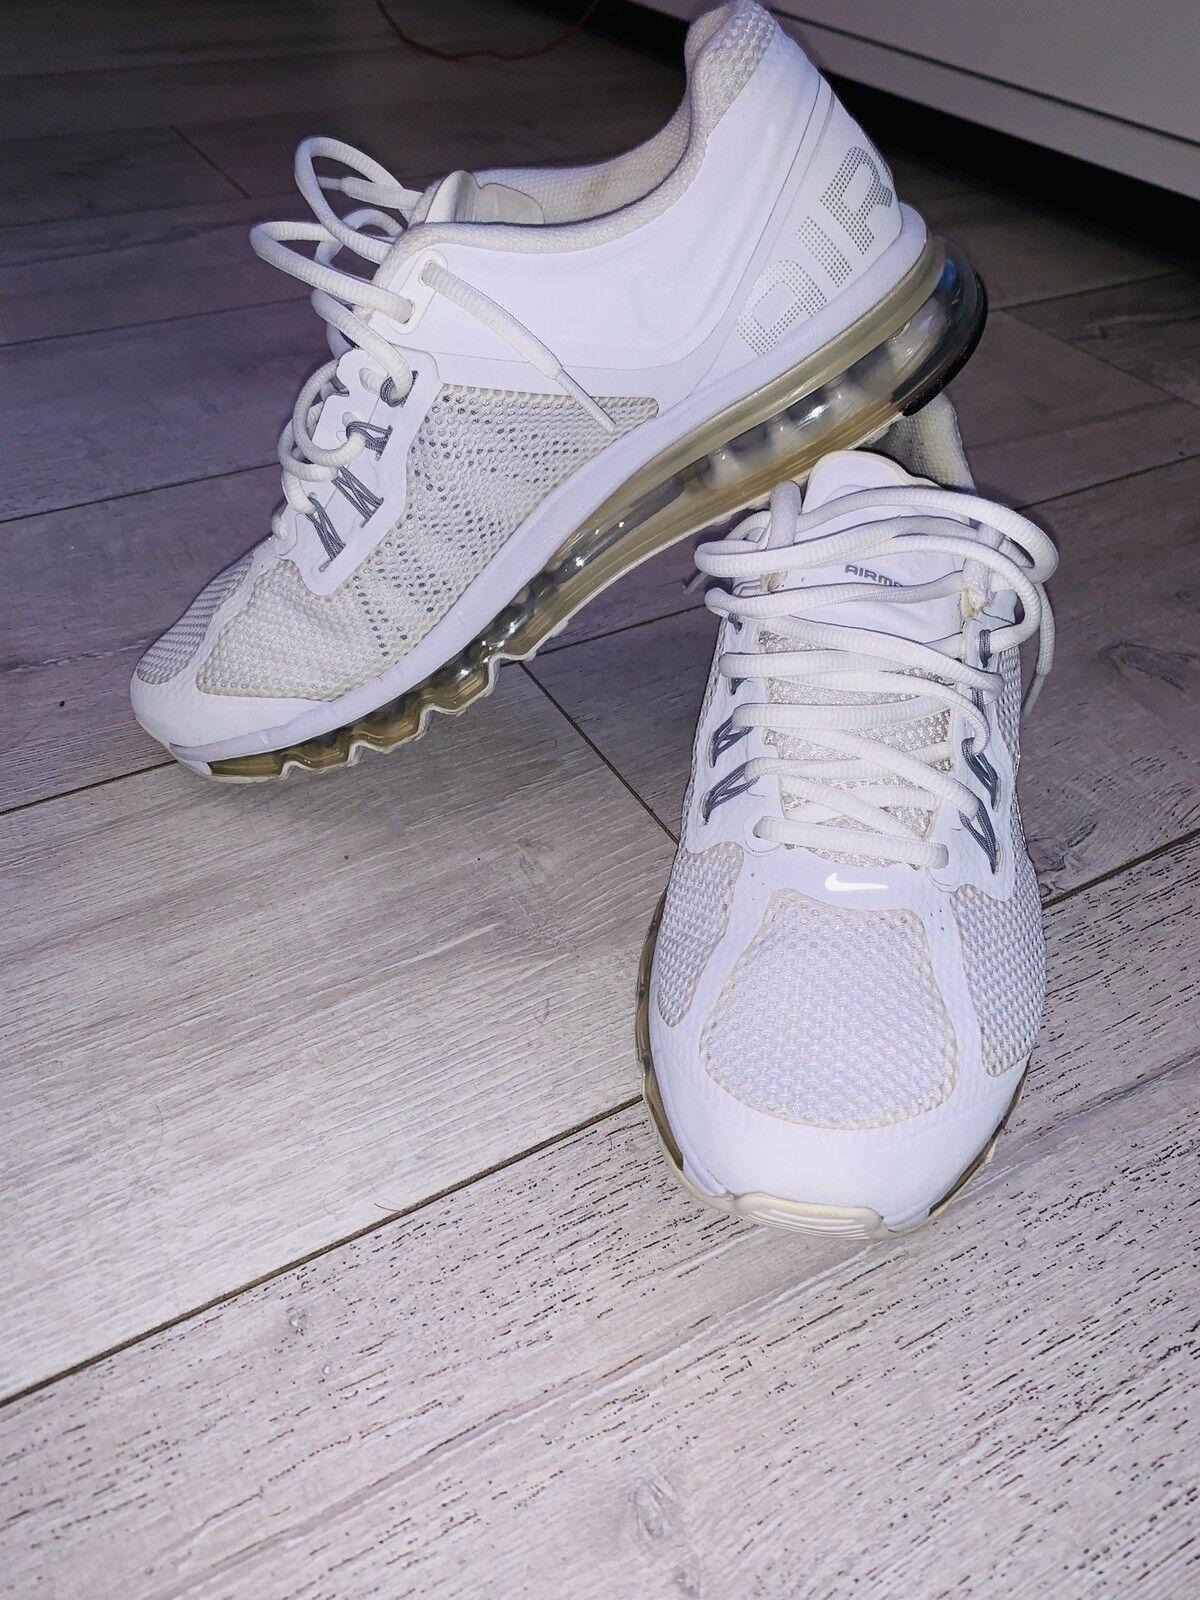 Nike air max 2013 alle weißen männer größe 9. 9. 9. 7ccd10